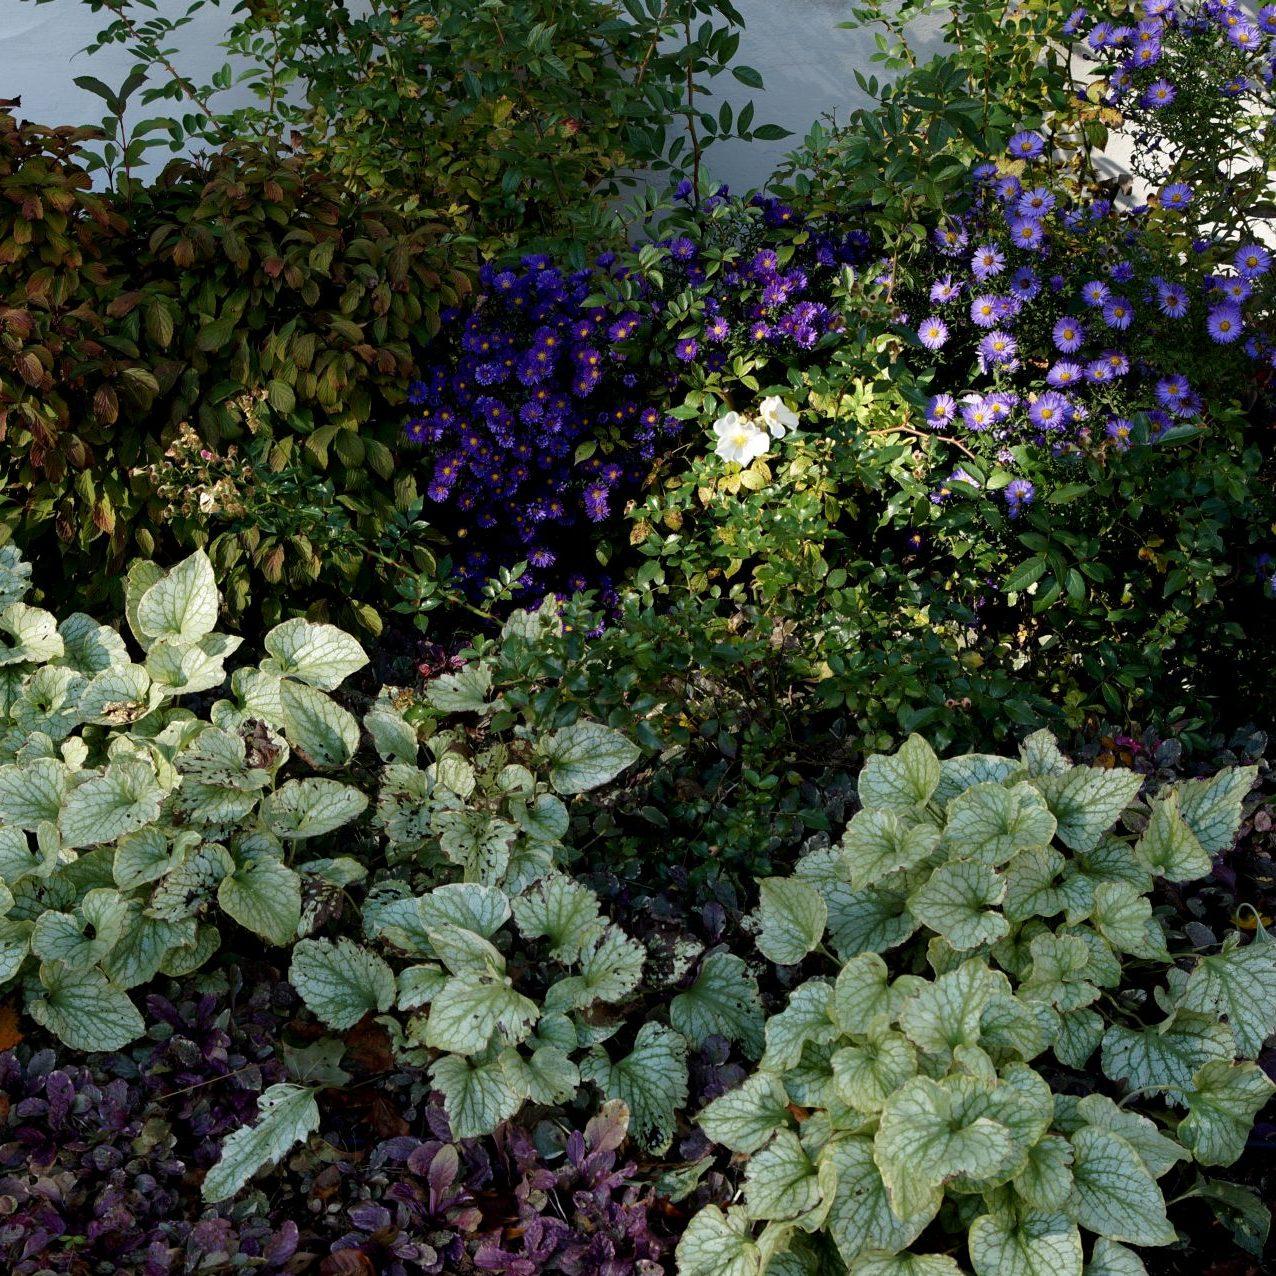 Kompozycja roślin o różnorodnym ulistnieniu. Na pierwszym planie dąbrówka, za nią brunnera, a w tle astry i róże